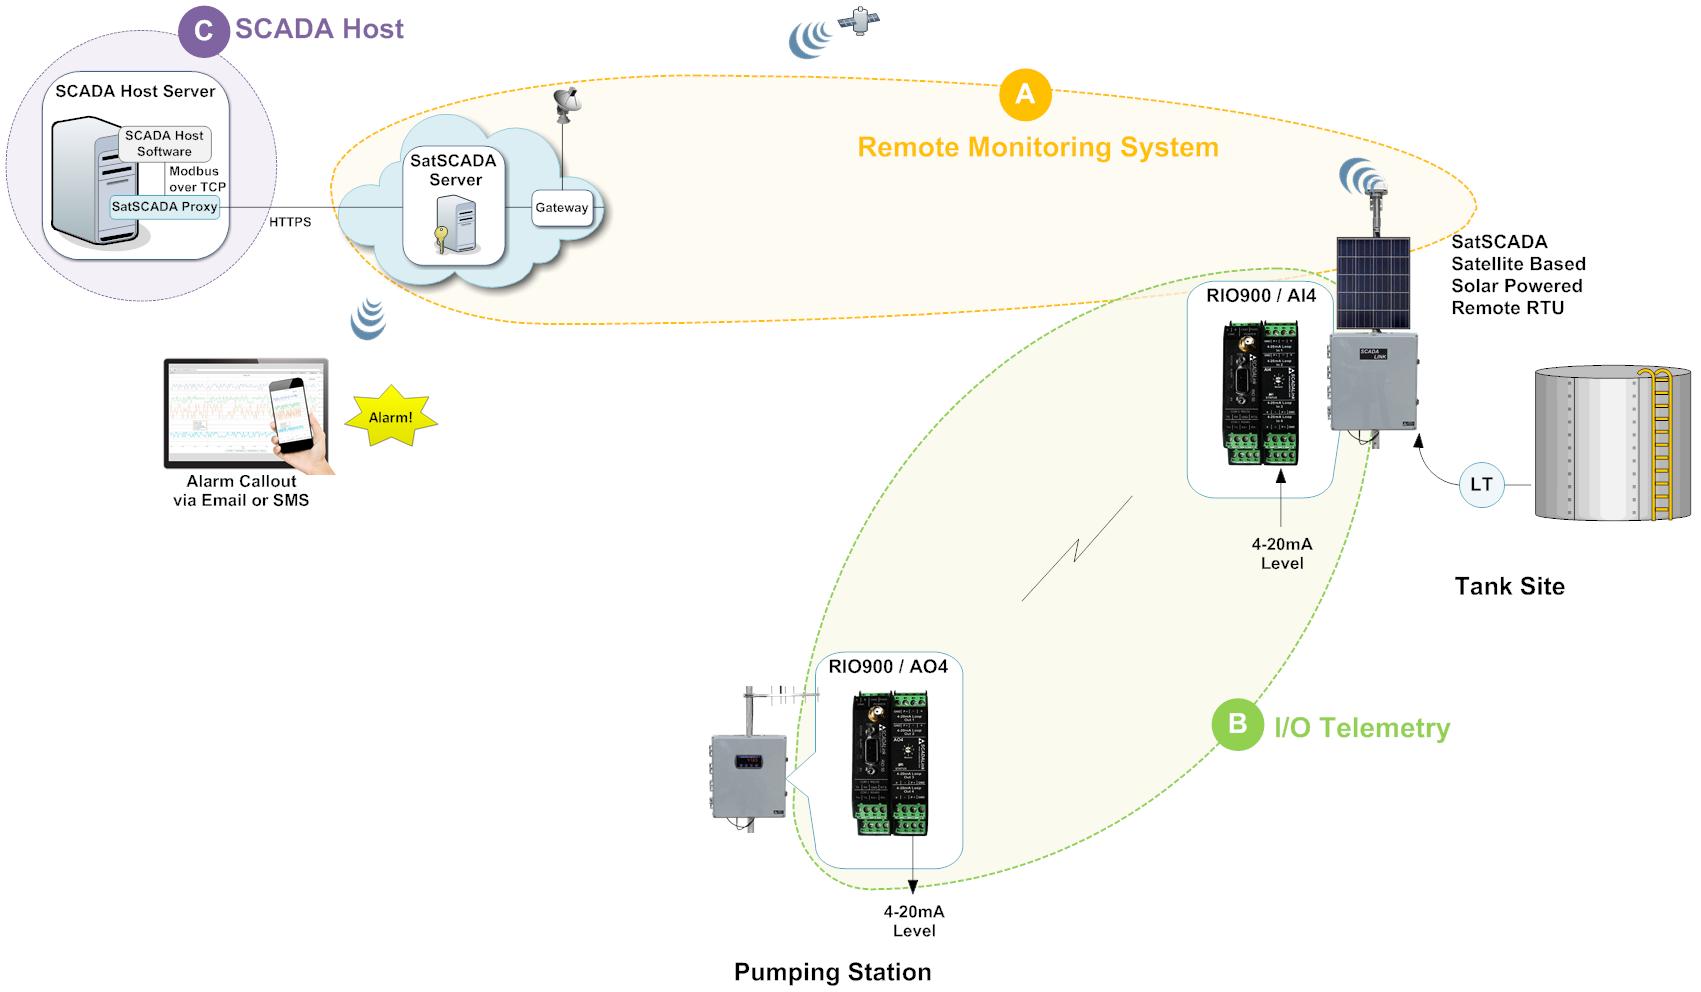 Rtu Water Storage Tank Schematic - Block And Schematic Diagrams •